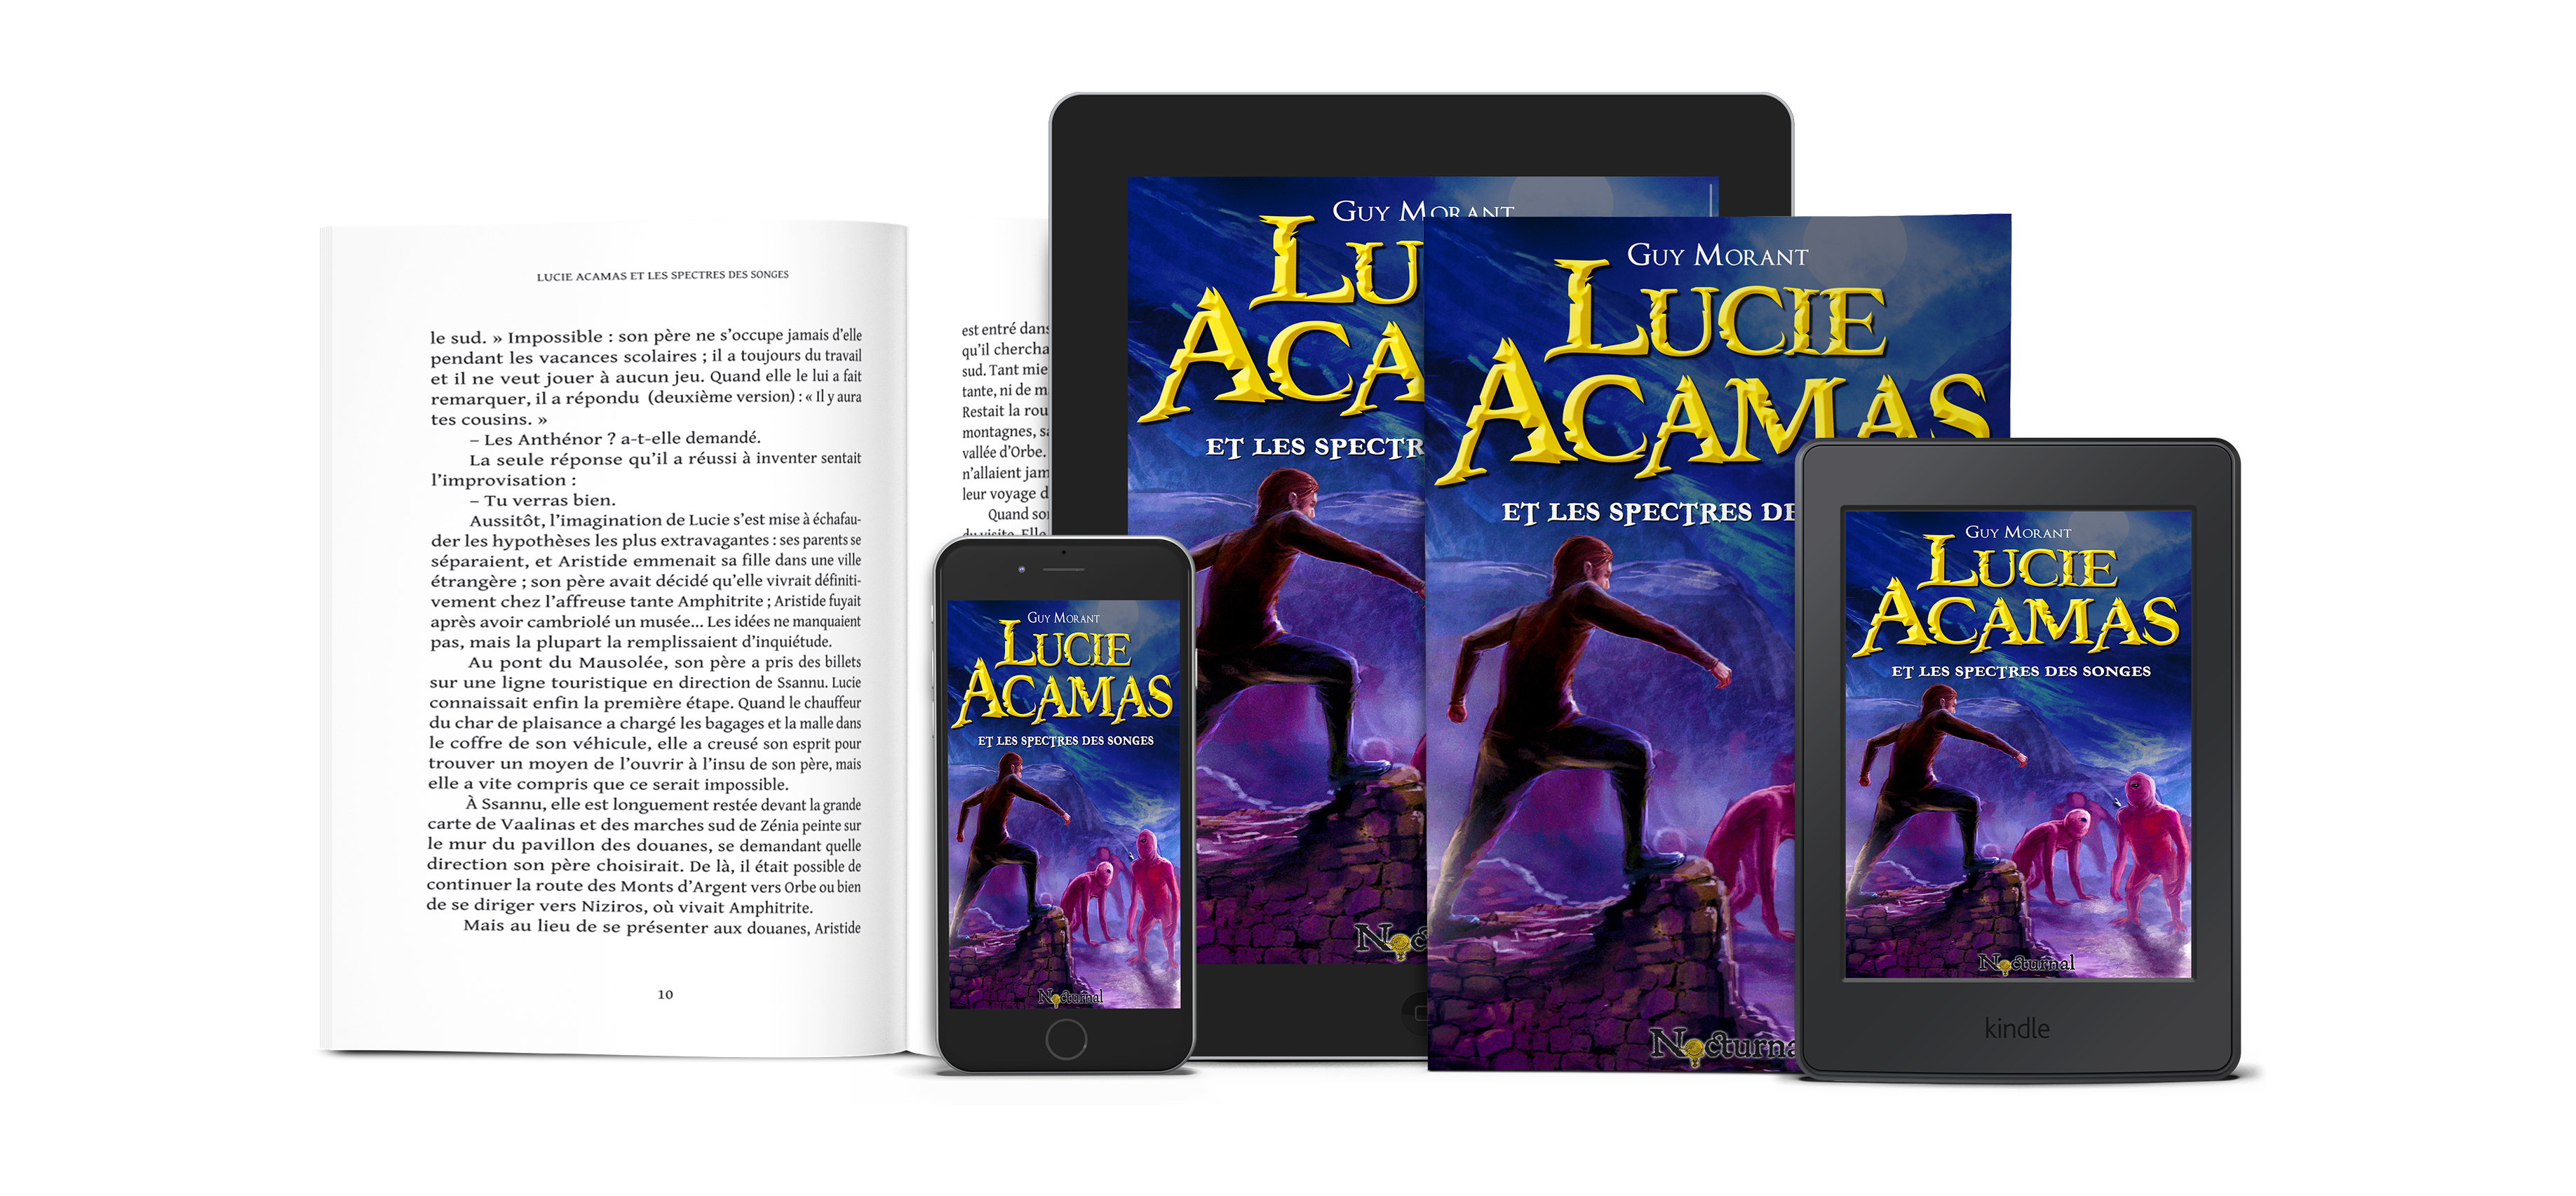 Lucie Acamas et les spectres des songes